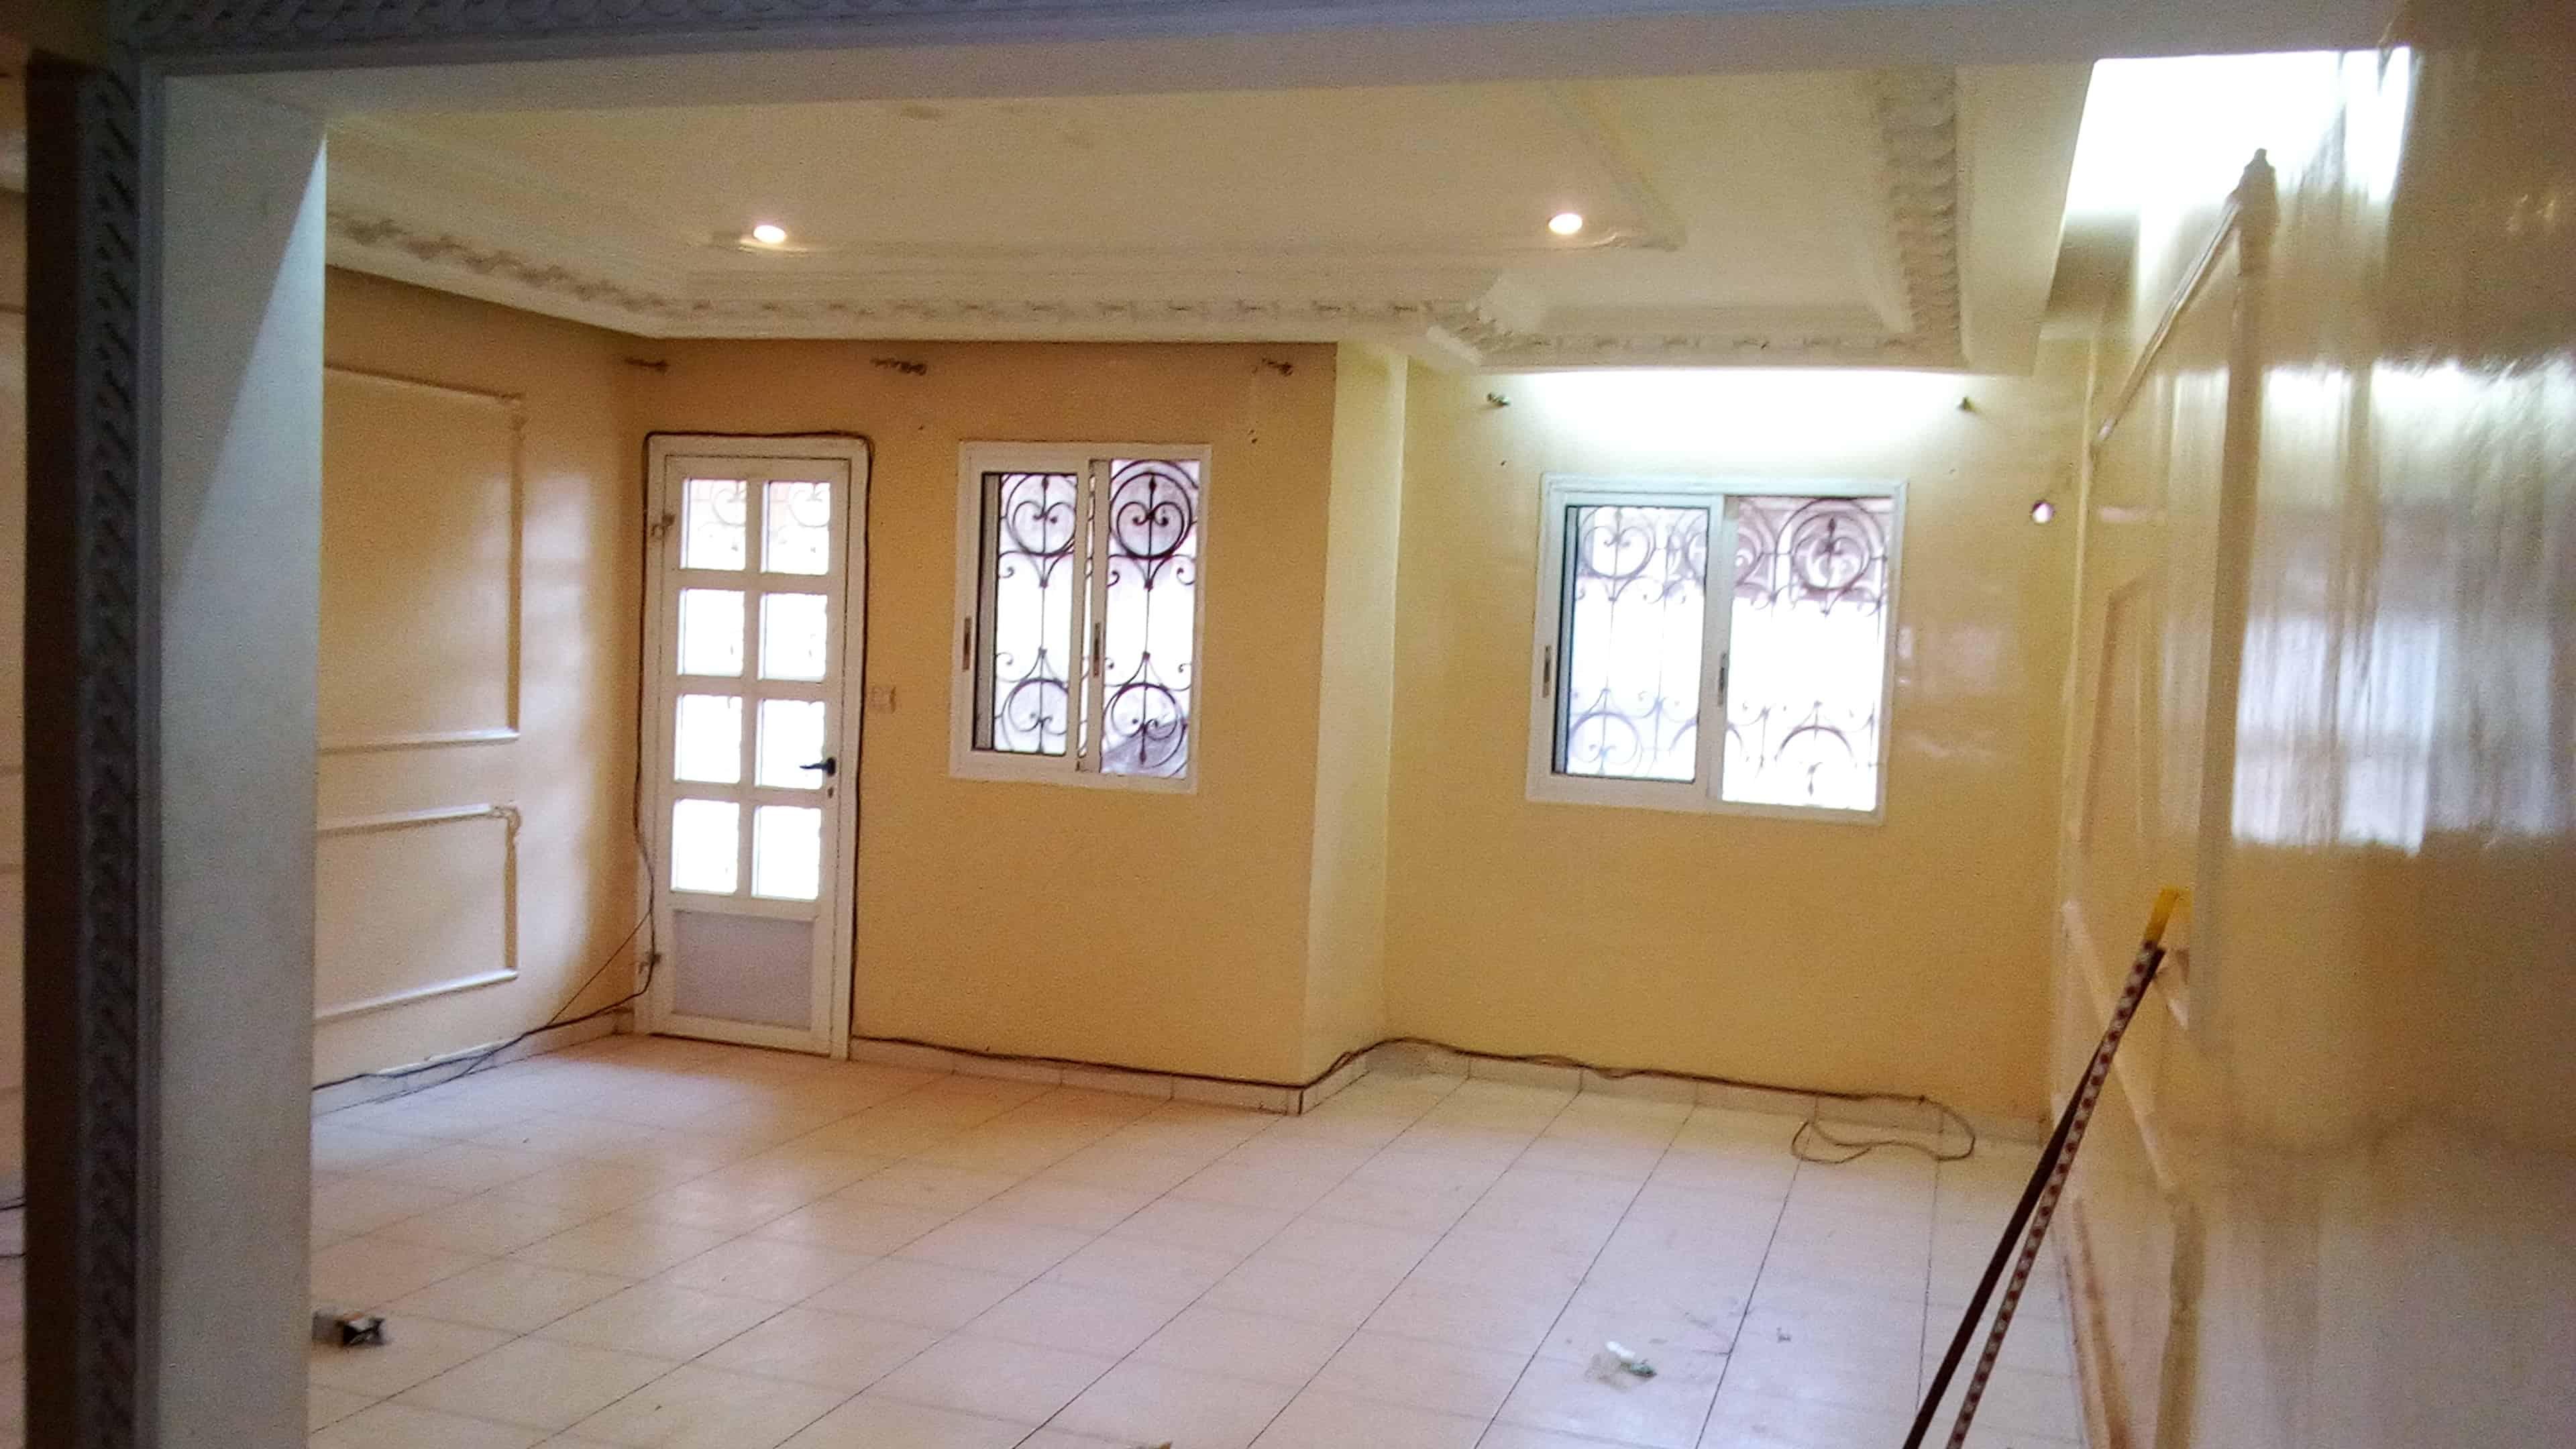 Appartement à louer - Yaoundé, Bastos, pas loin du carrefour - 1 salon(s), 2 chambre(s), 3 salle(s) de bains - 375 000 FCFA / mois